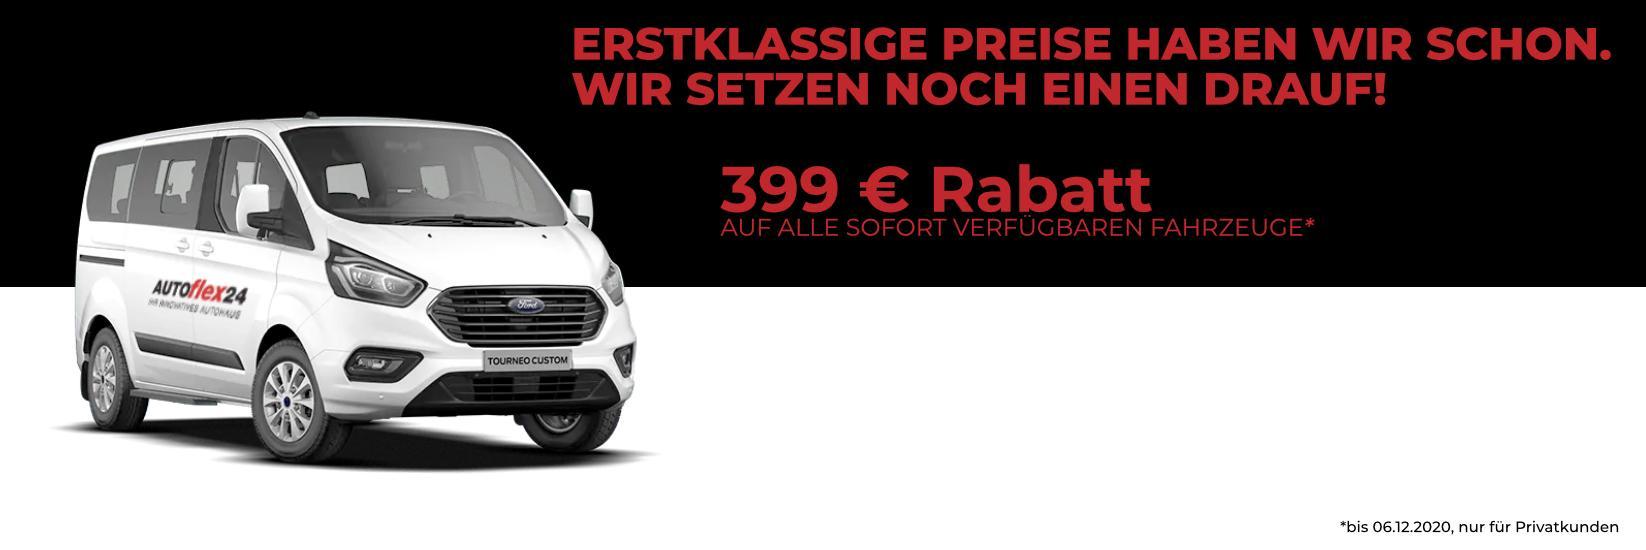 Sonderaktion: 399 € Rabatt auf alle Lagerfahrzeuge